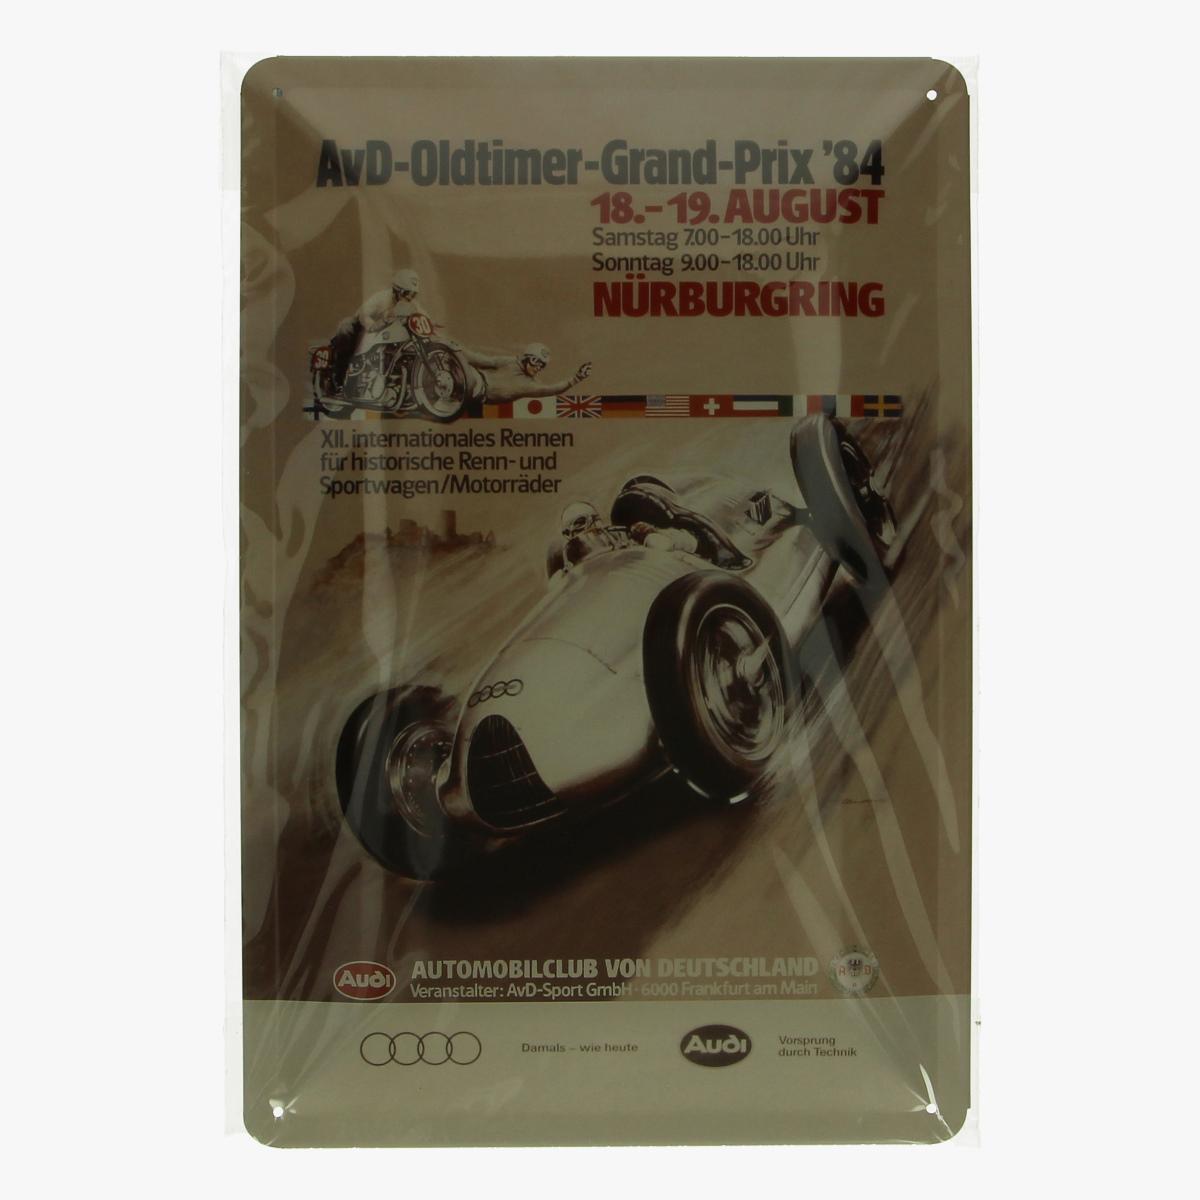 Afbeeldingen van blikken bordje AVD-oldtimer-grand-prix '84 repro geseald